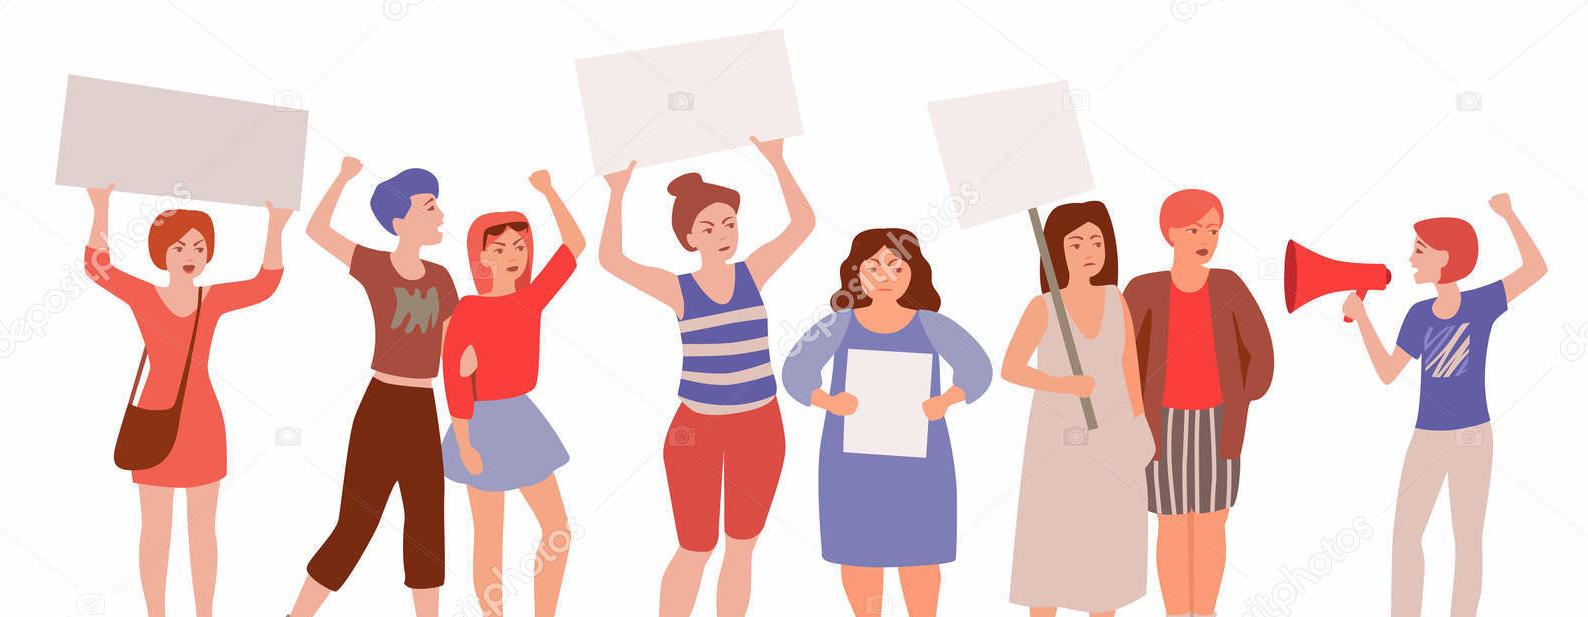 Universidades seguras libres de violencia contra las mujeres.